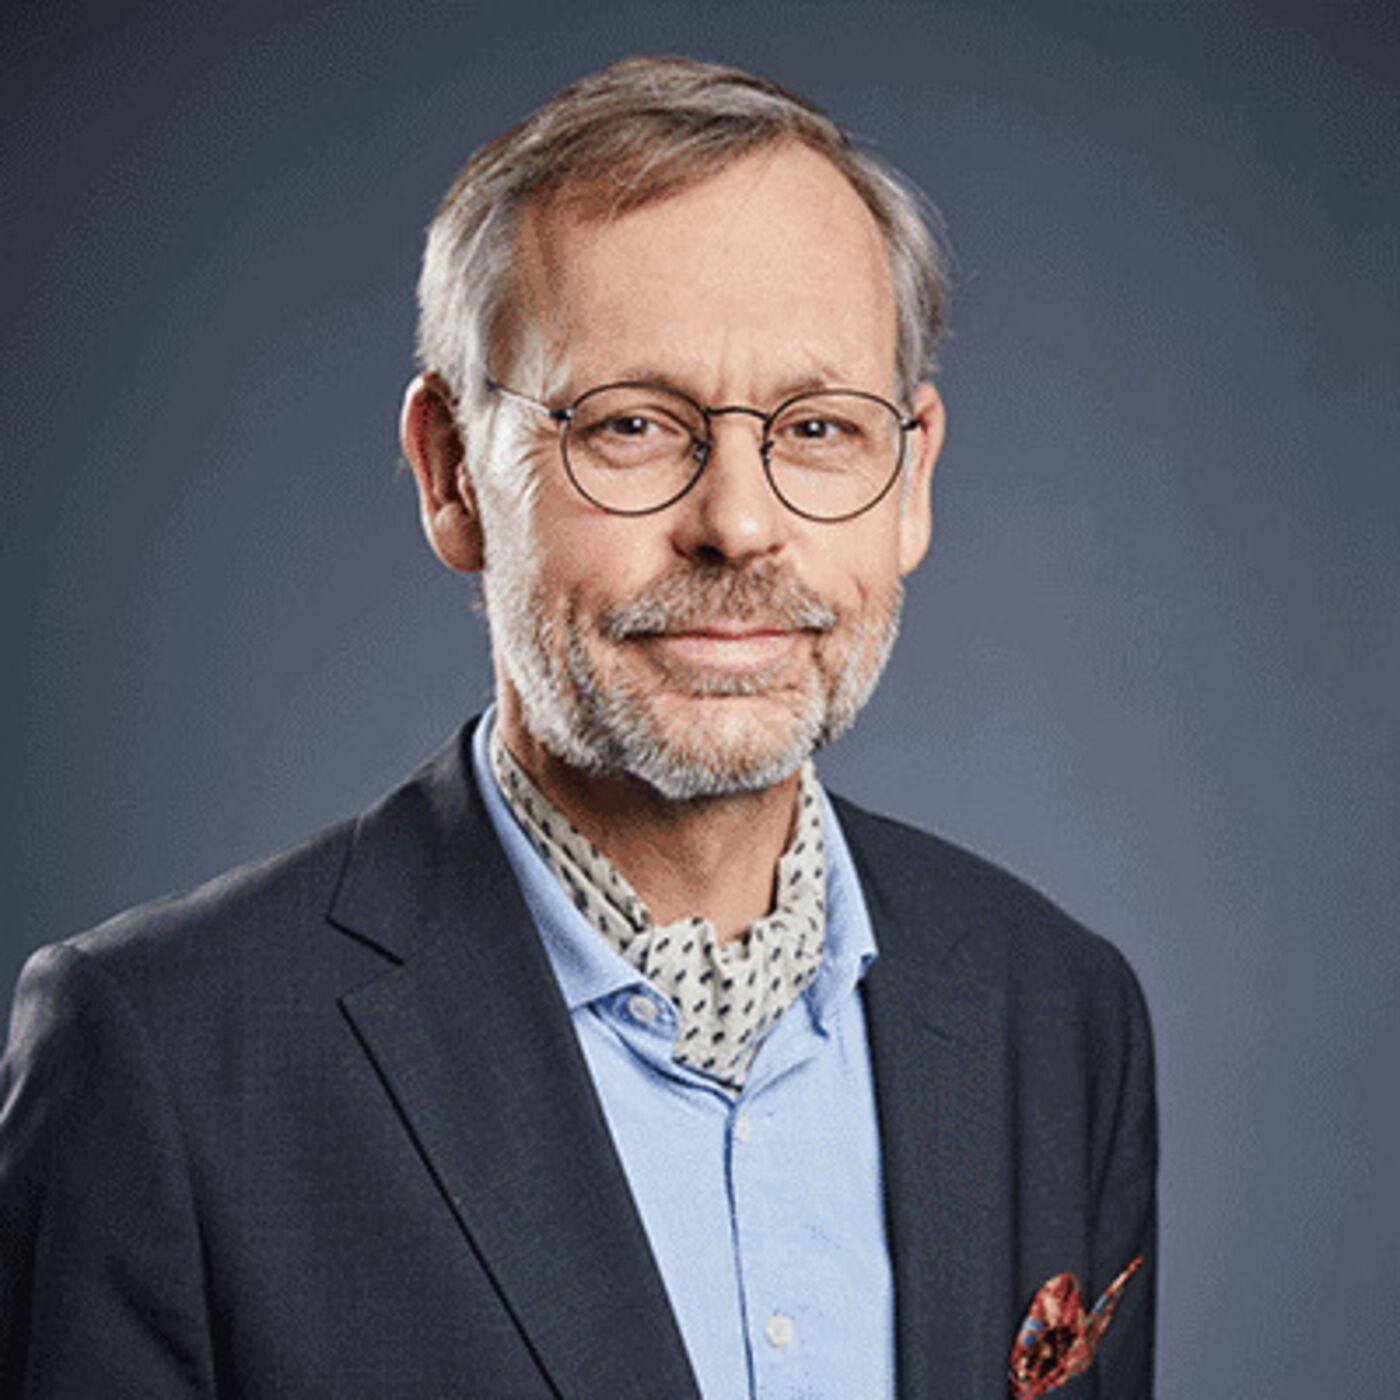 Entretien avec Jacques Arnould, Expert éthique au CNES